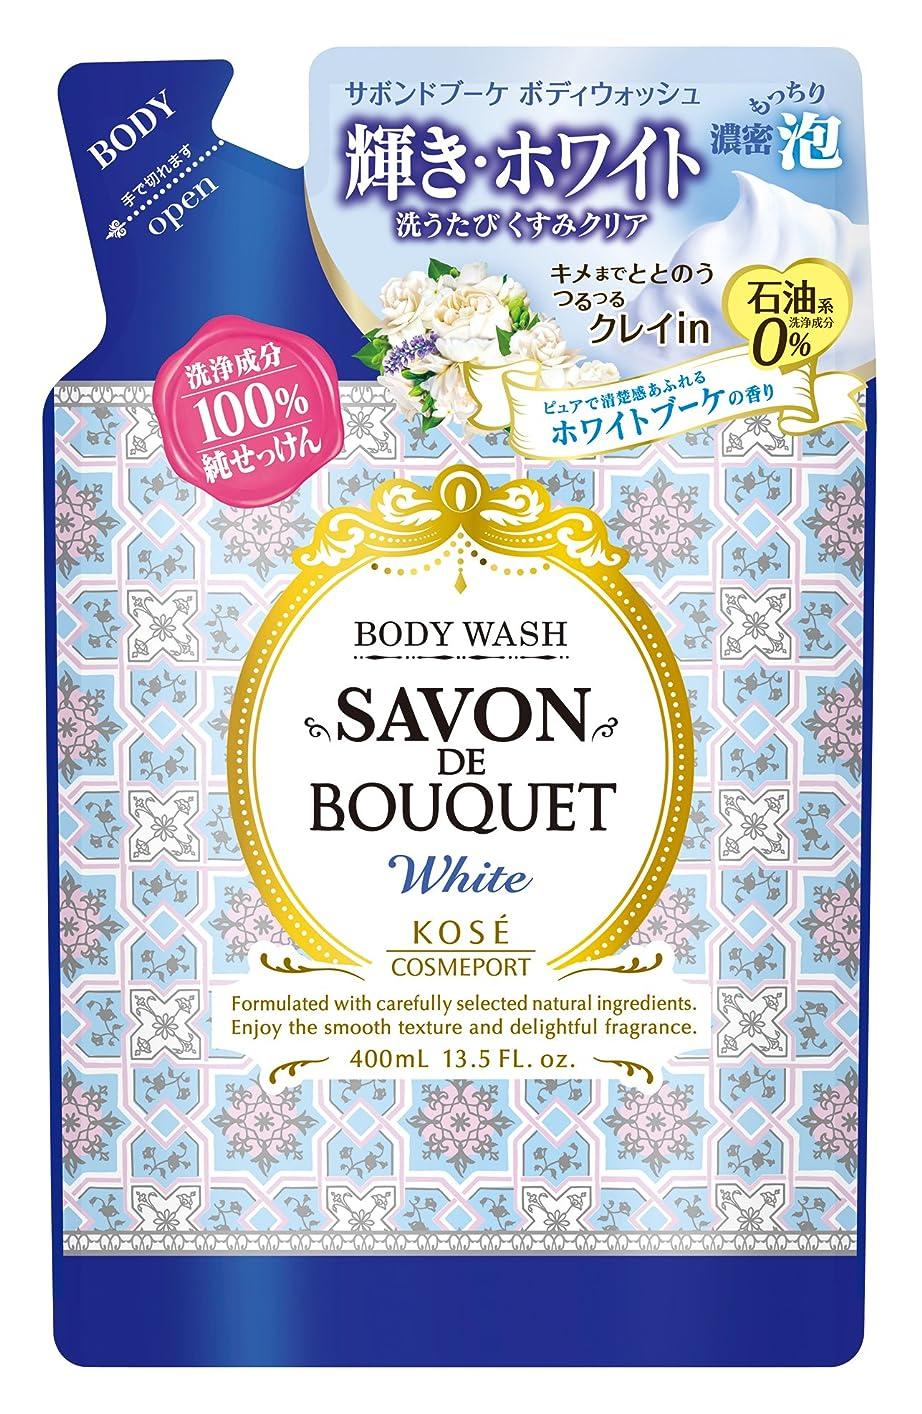 囲まれた息苦しい講堂KOSE コーセー サボンドブーケ ホワイト ボディウォッシュ 100%純せっけん 詰め替え 400ml